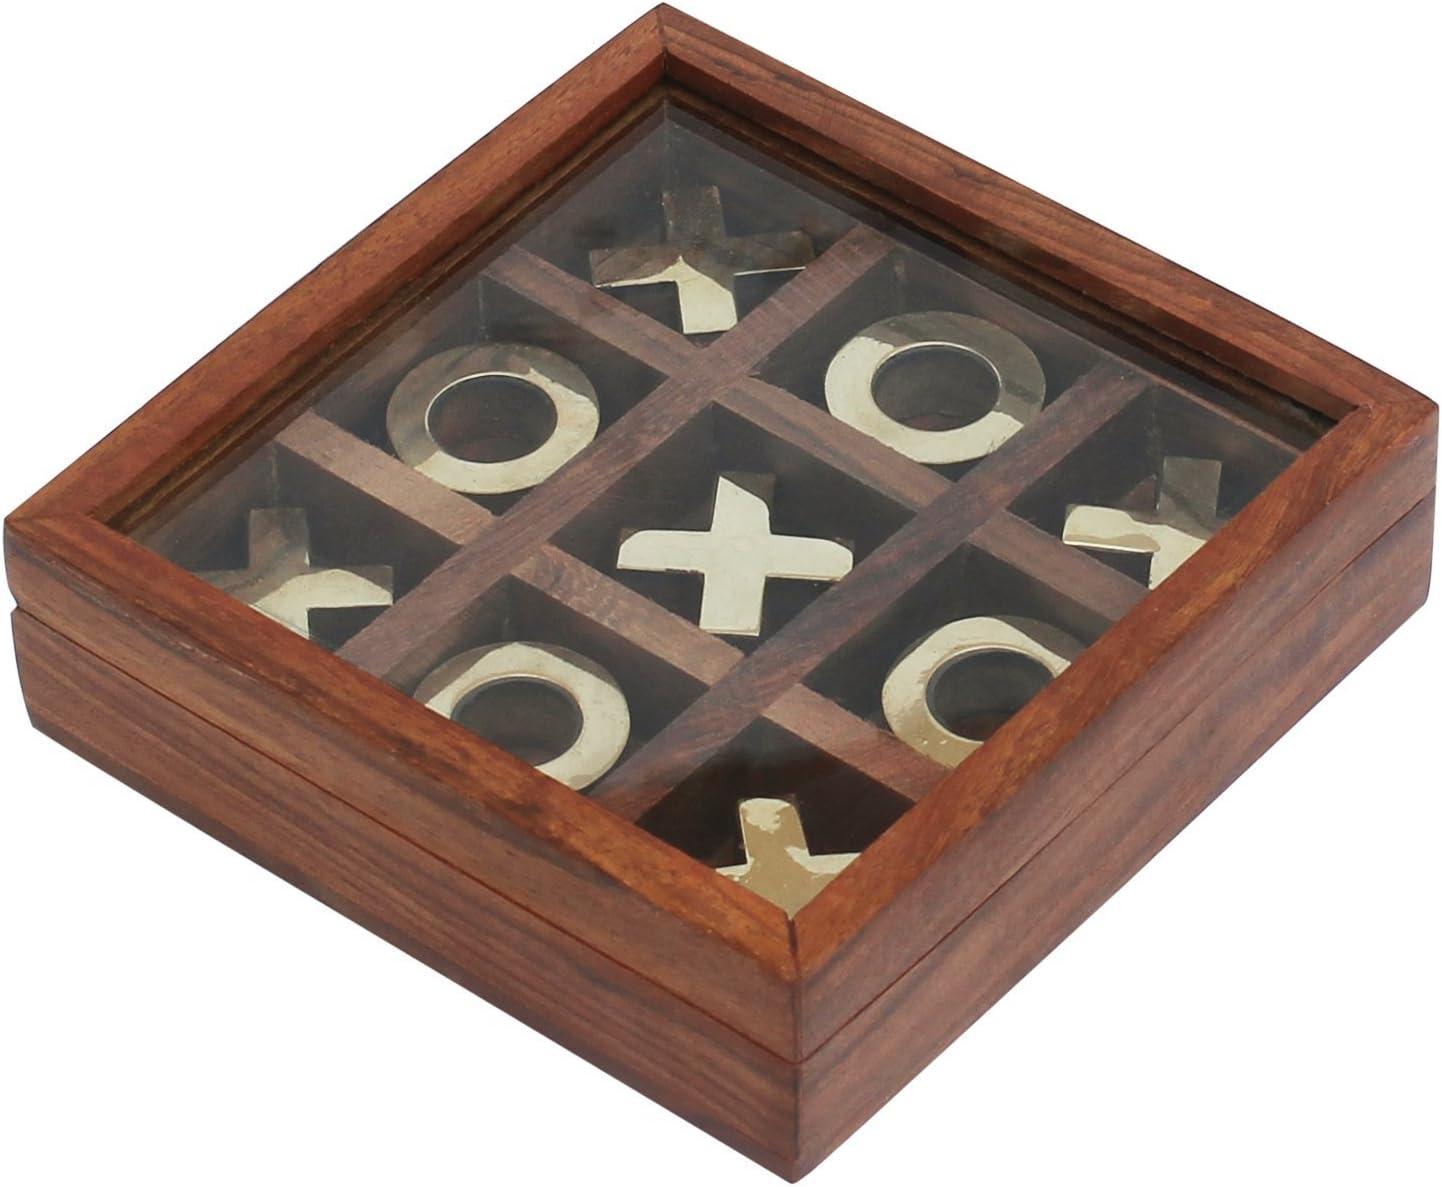 Juego de mesa de madera Tic Tac Toe - Caja de almacenamiento de turrones y cruces de metal con tapa de vidrio - Mesa / escritorio / piso únicos / juego de interior: Amazon.es: Hogar